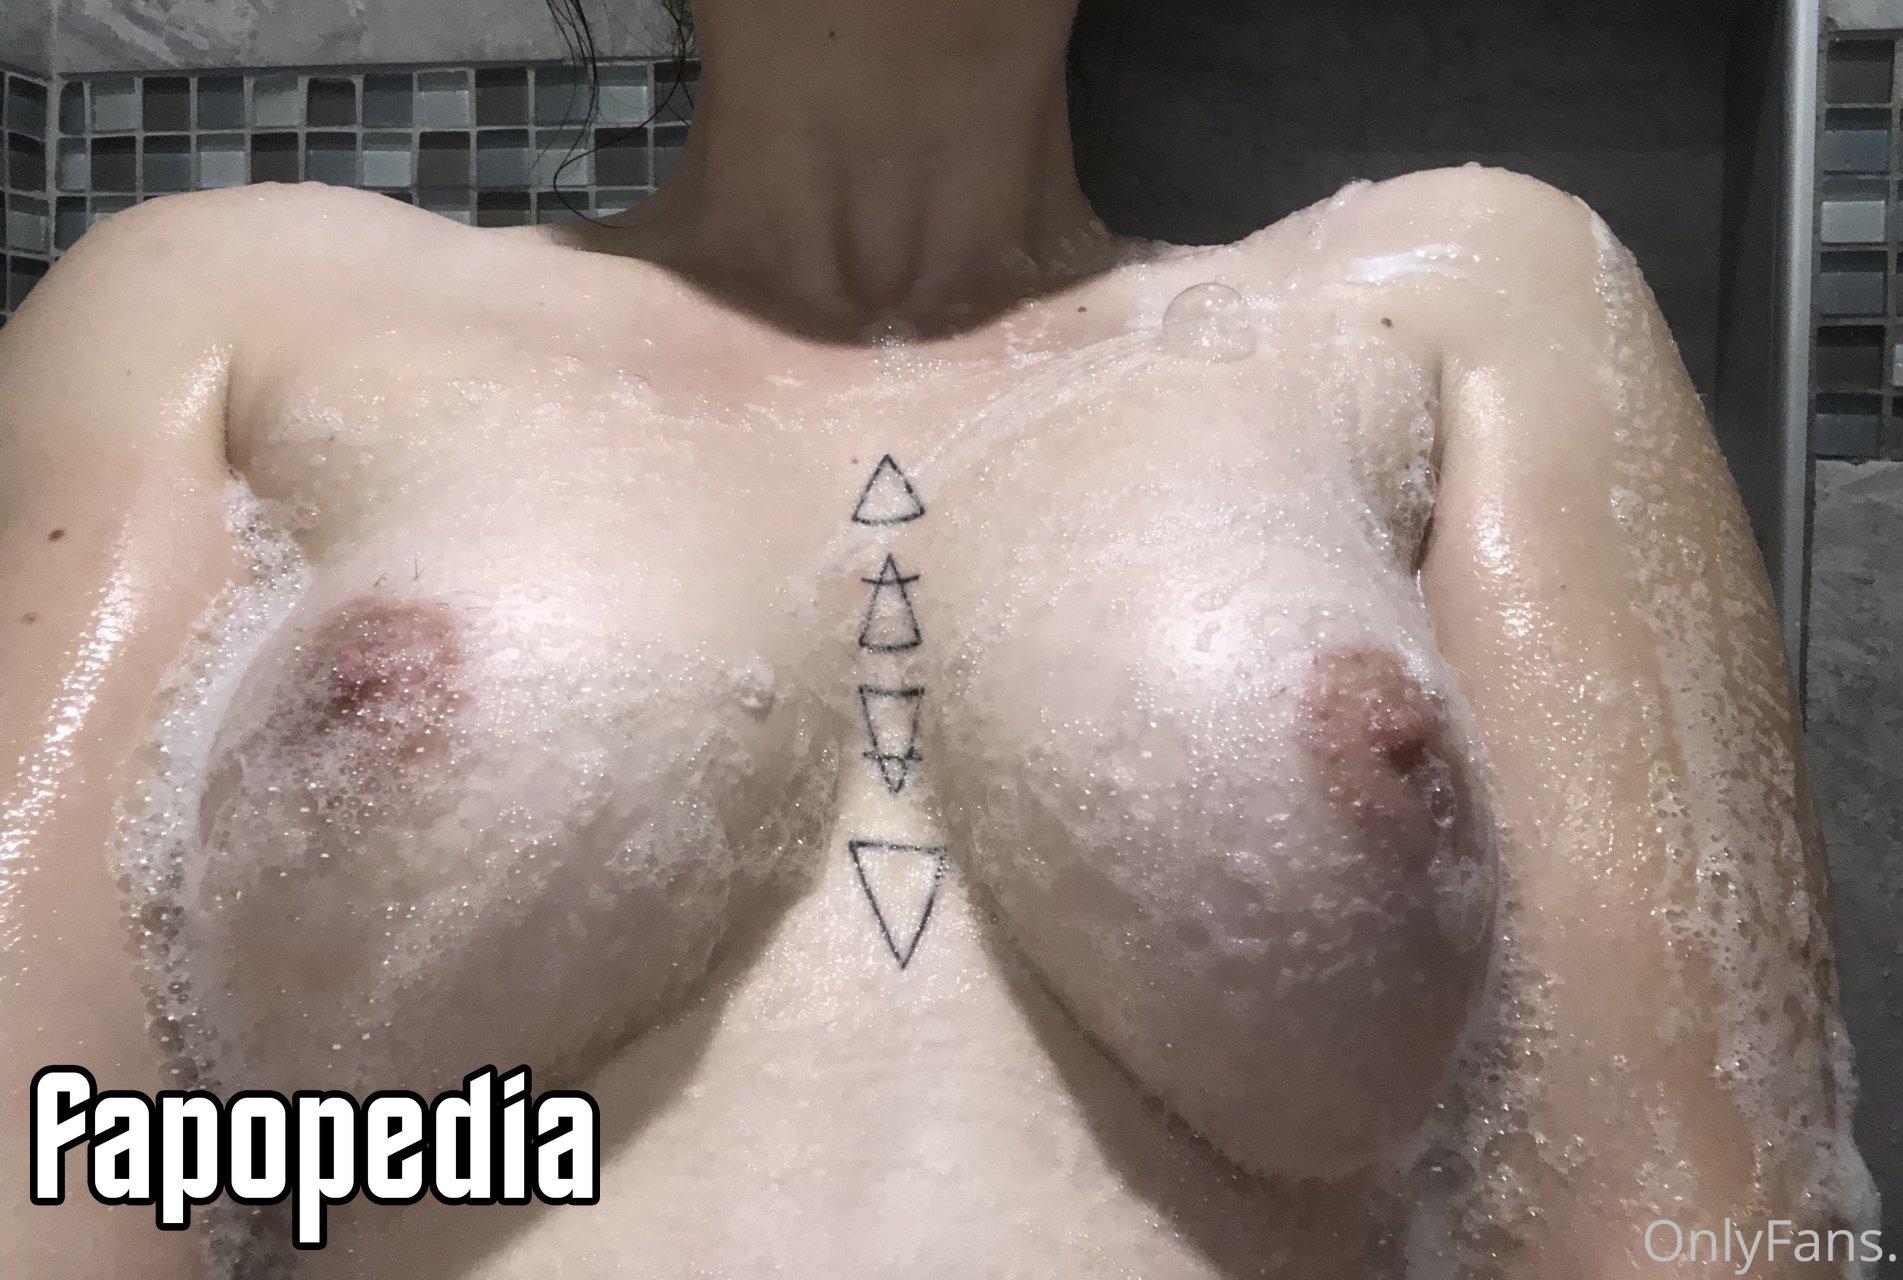 UltraThot Nude OnlyFans Leaks